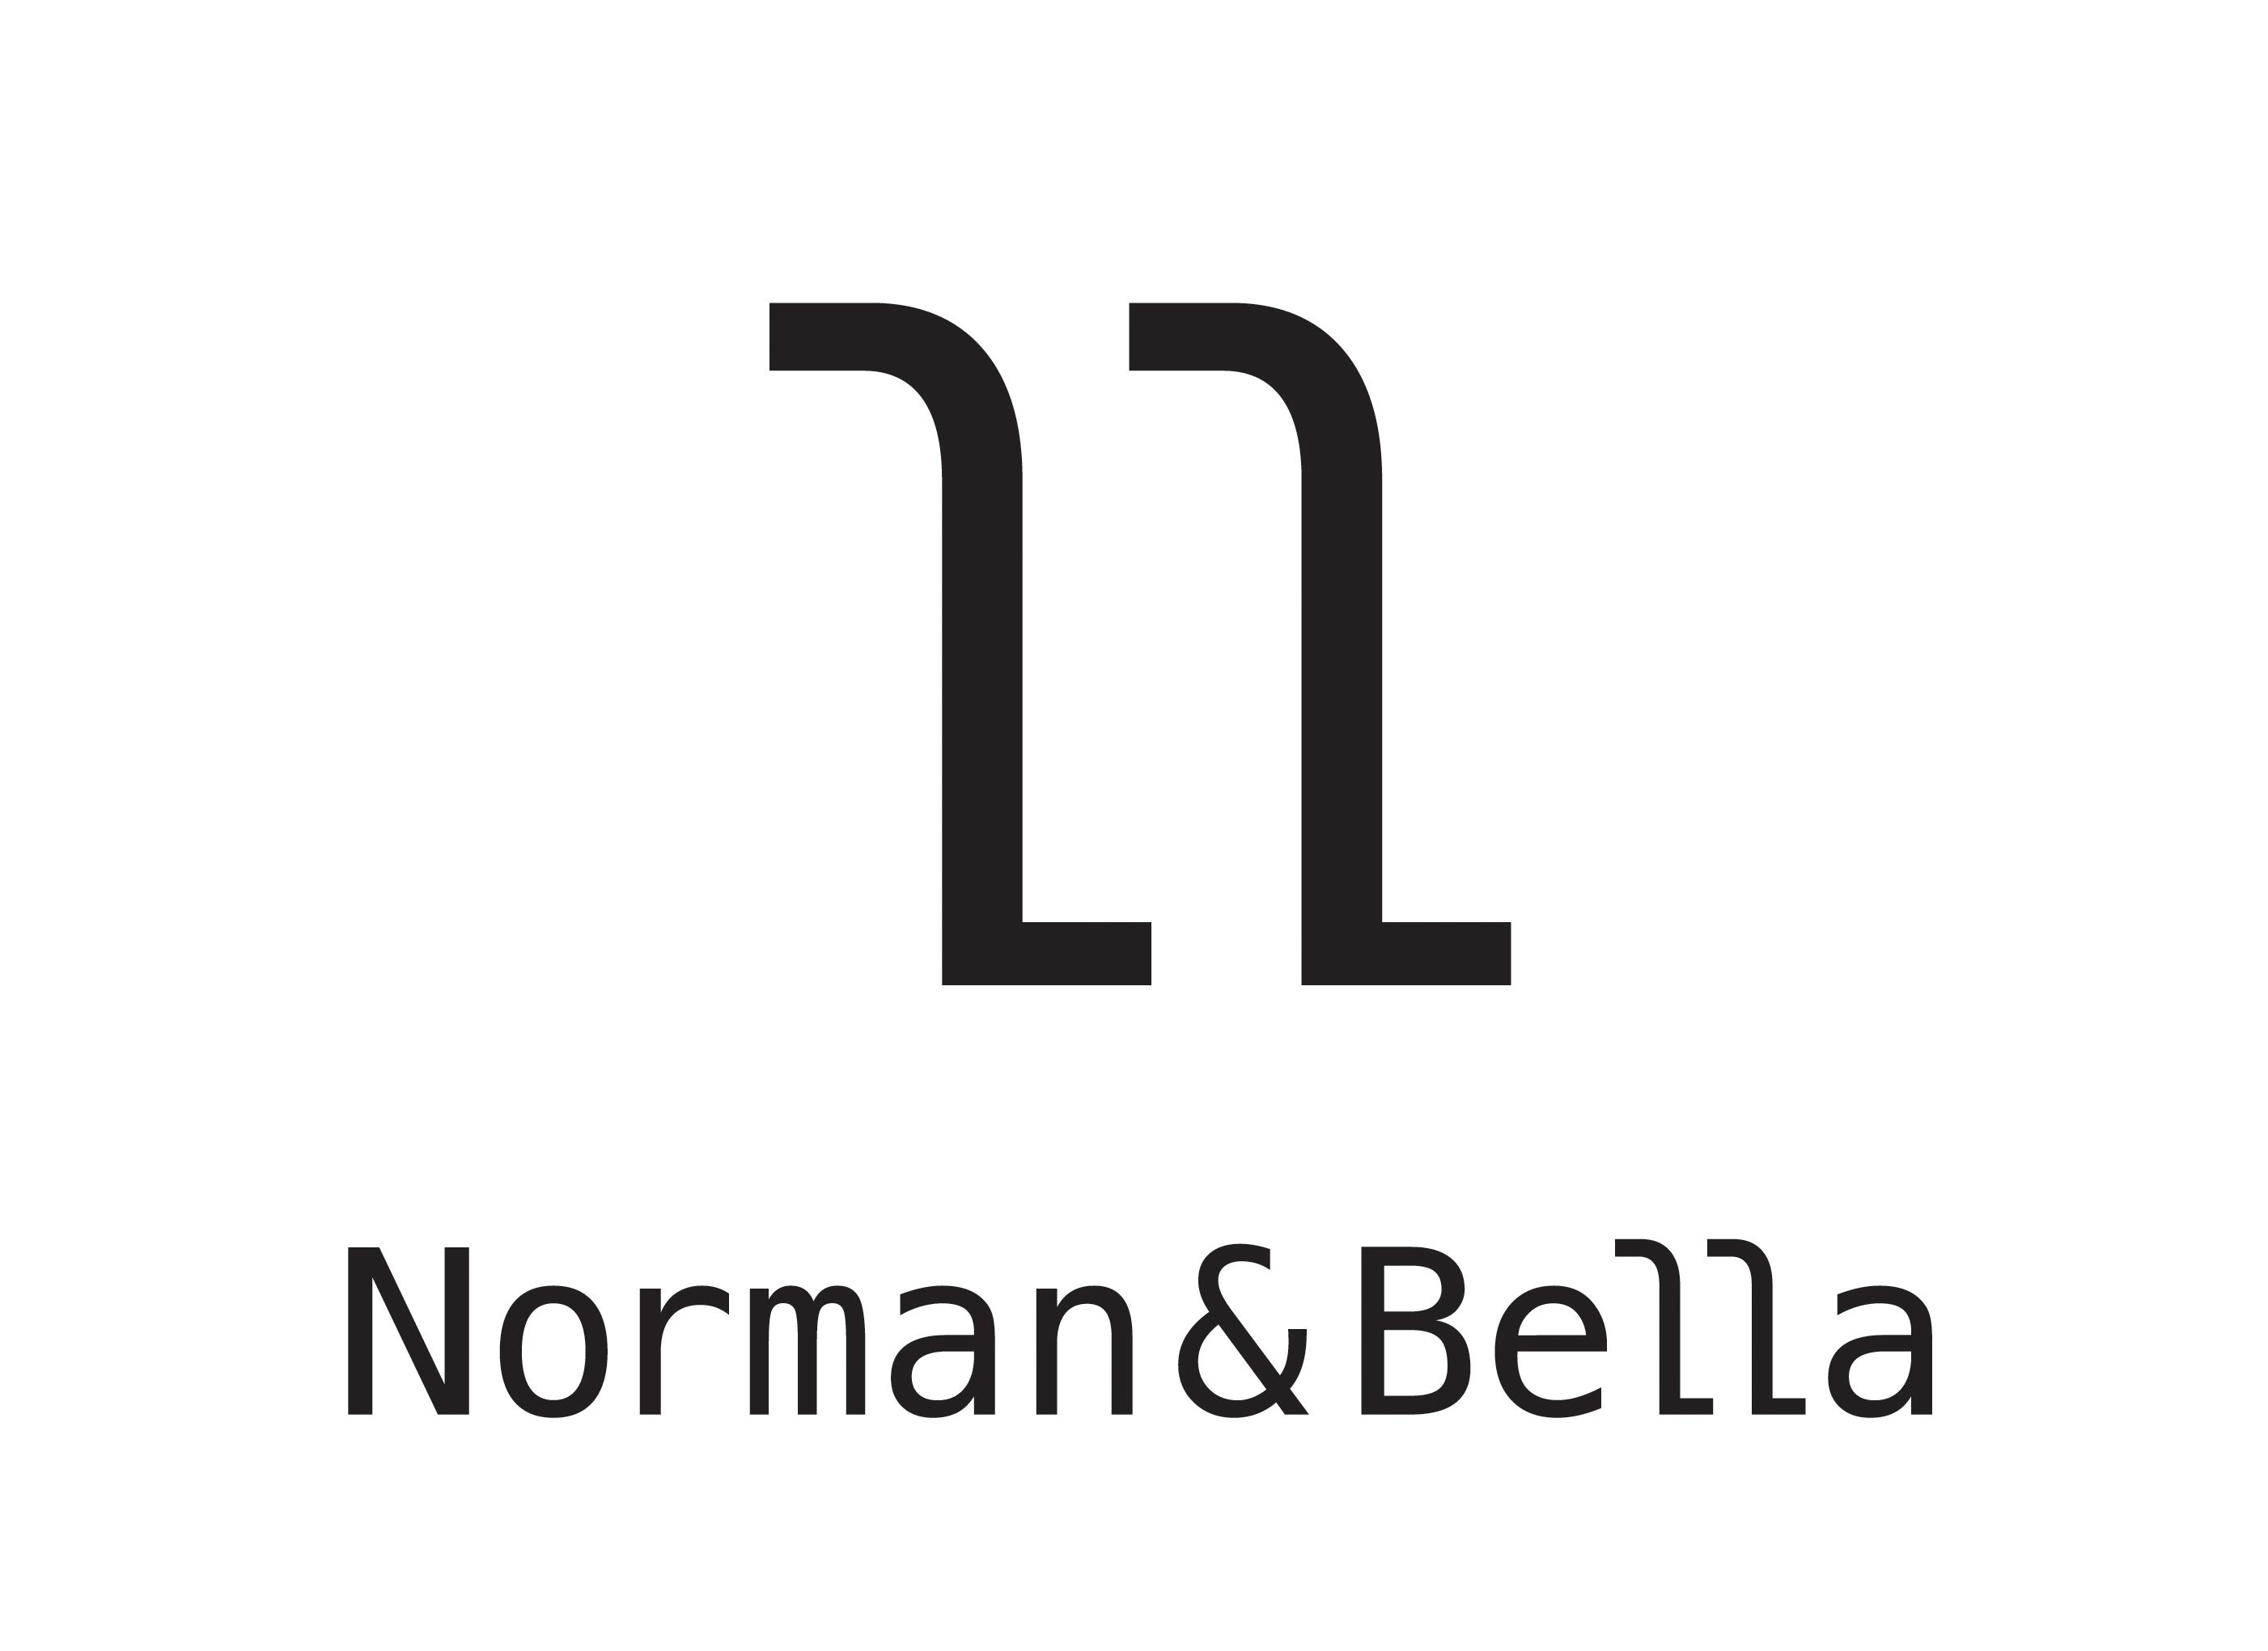 Norman & Bella